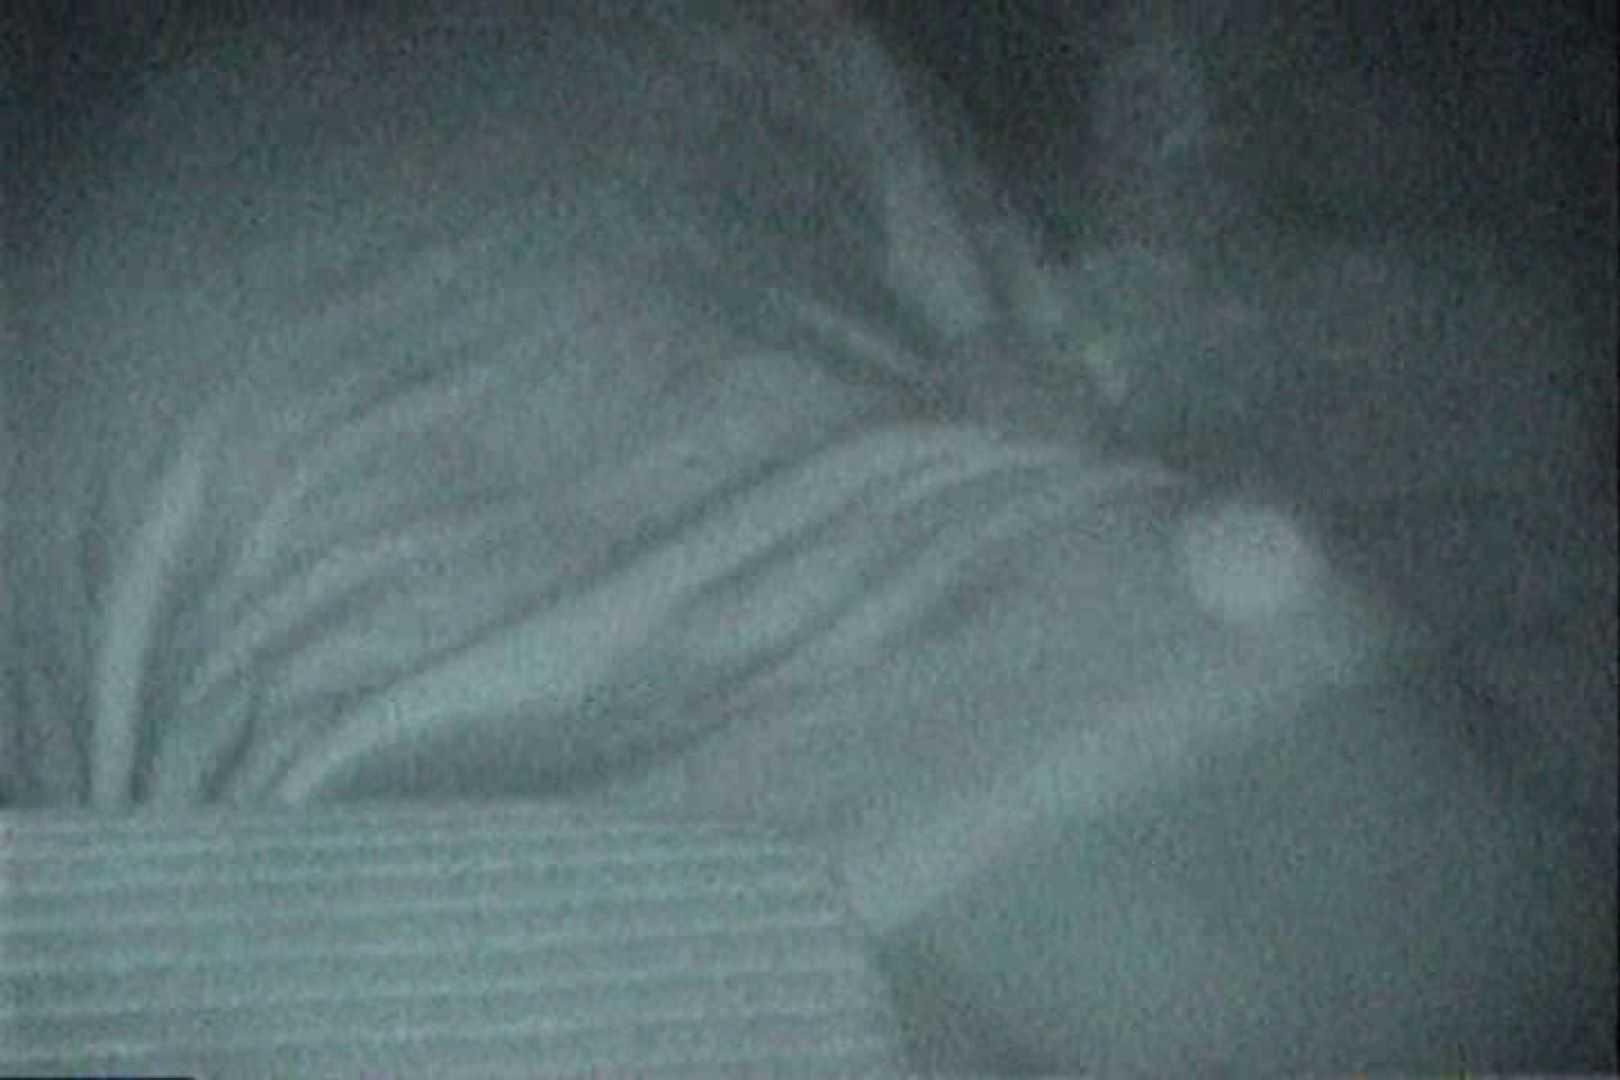 充血監督の深夜の運動会Vol.143 丸見え | OLエロ画像  61PICs 46